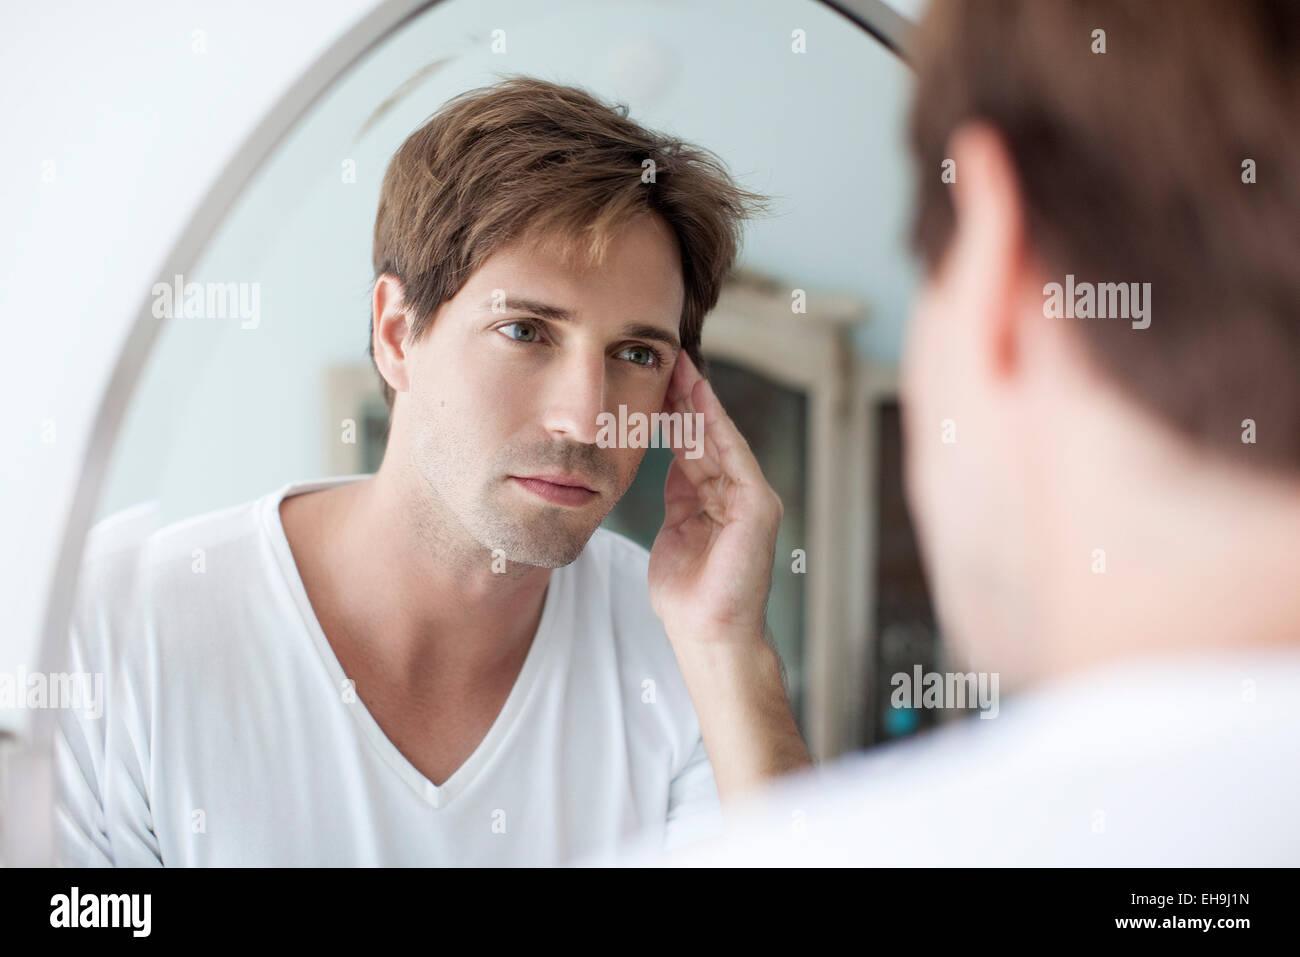 Mann selbst im Spiegel mit betroffenen Blick betrachten Stockbild